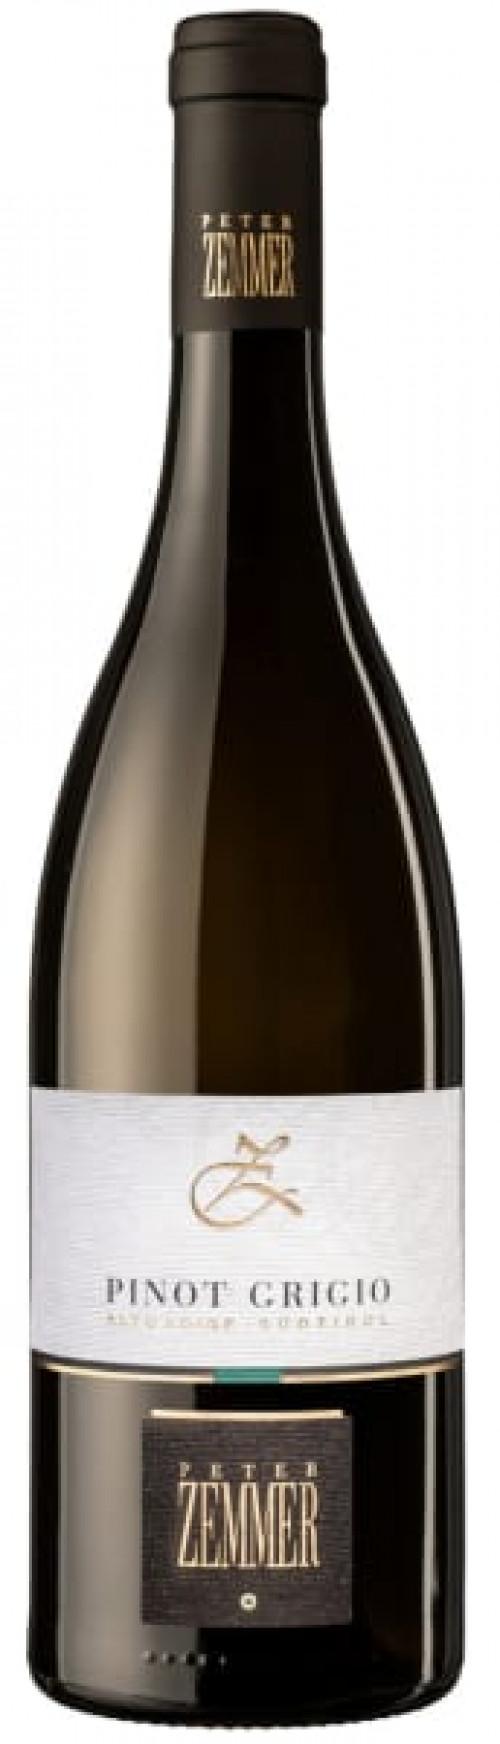 2020 Zemmer Pinot Grigio 750ml